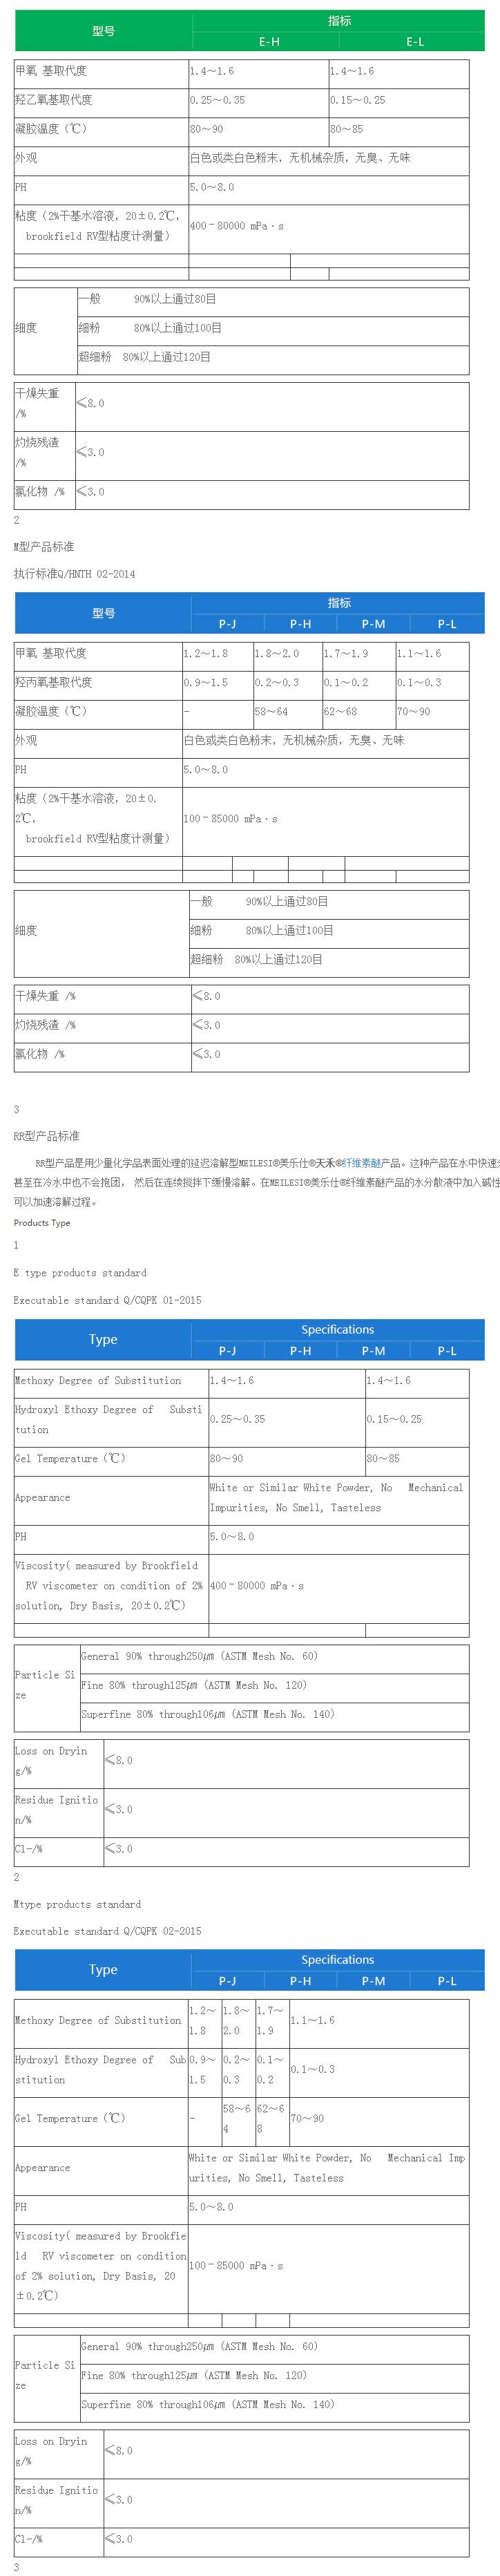 天禾纤维素醚产品标准_单页-河南天禾新型建筑材料有限公司.png